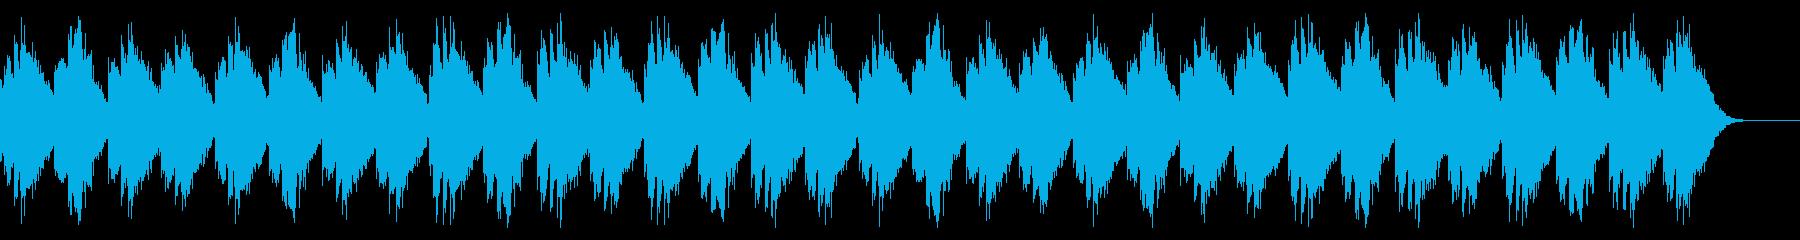 静寂ストリングス&エレクトロニカ(劇伴)の再生済みの波形